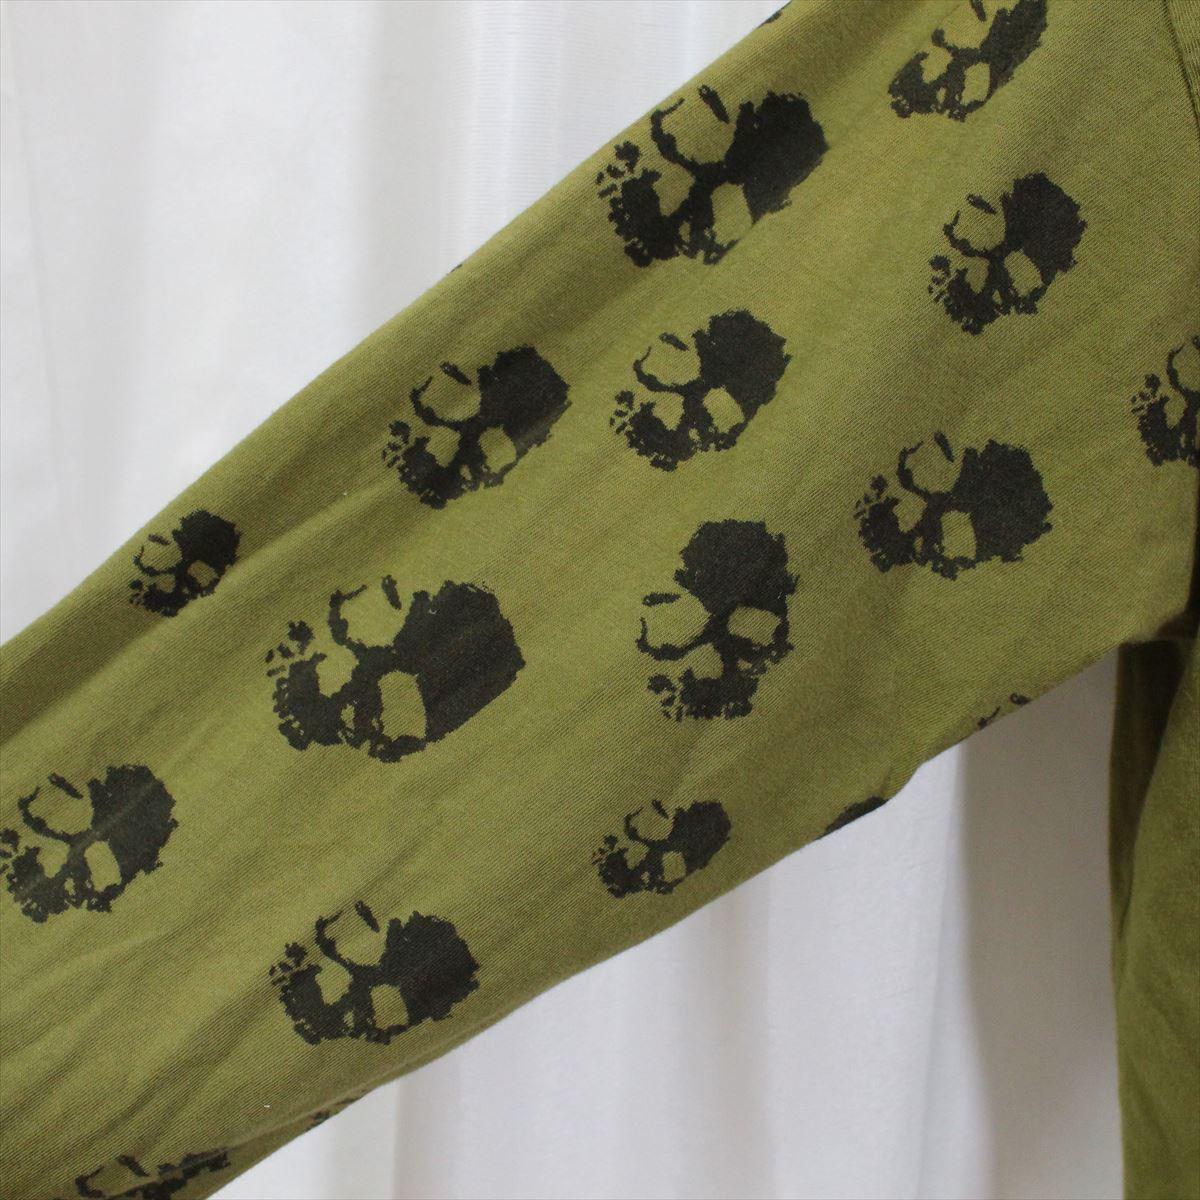 スメット SMET メンズ長袖Tシャツ Mサイズ グリーン NO5 新品_画像2